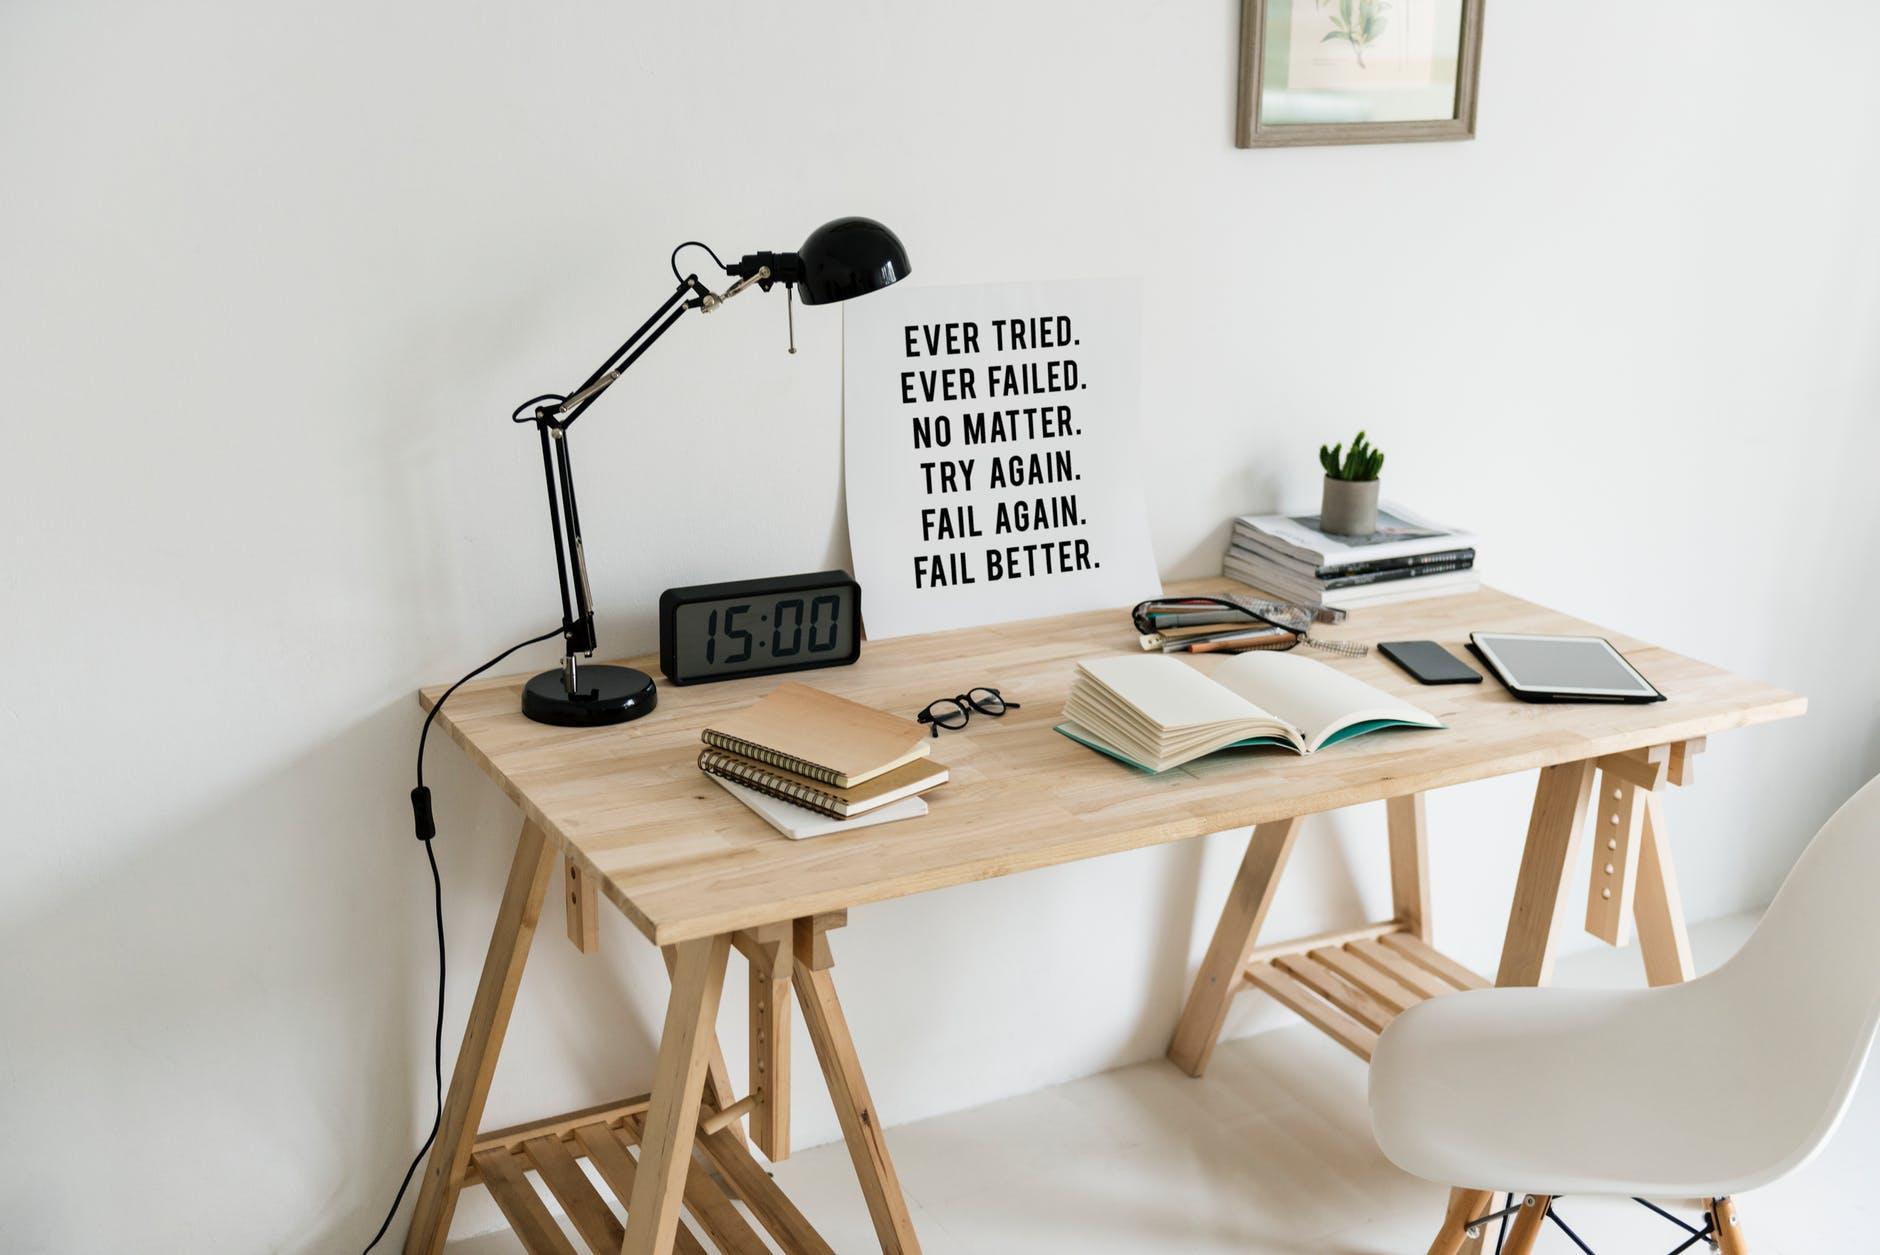 《搞定 I》第4章准备工作:确定时间、空间和工具 笔记